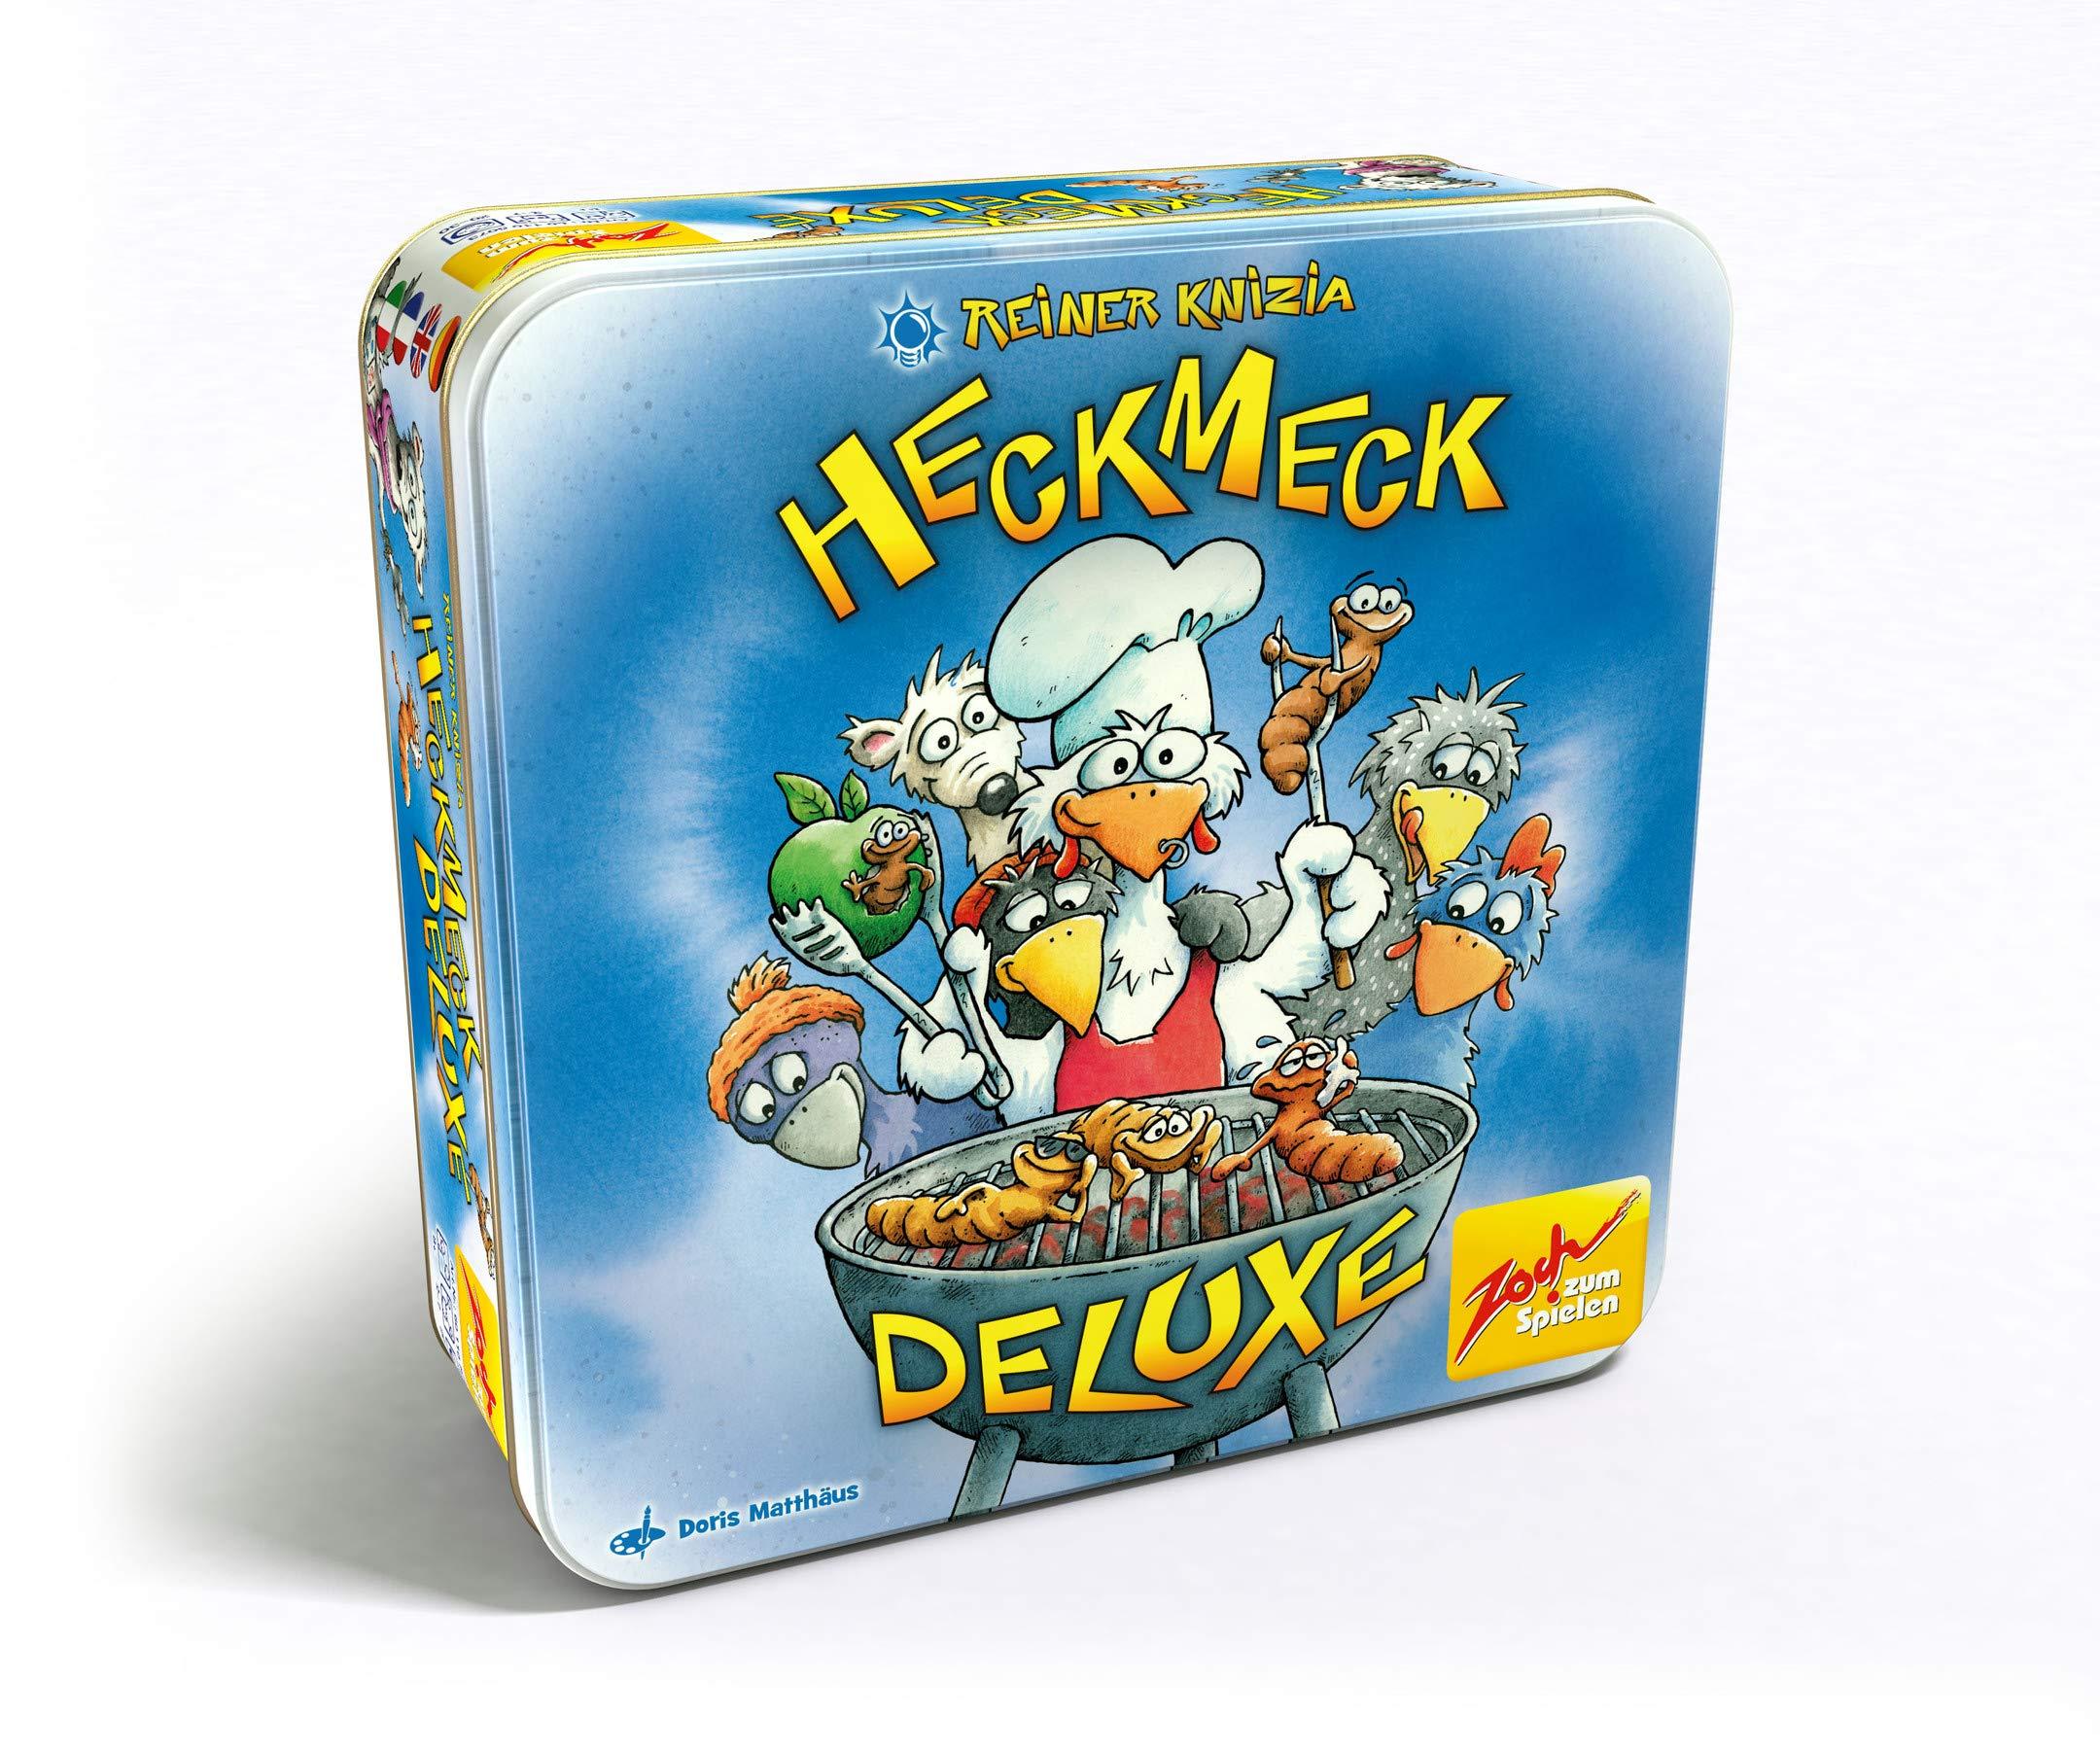 Zoch Heckmeck Deluxe Niños - Juego de Tablero (Niños, 8 año(s), Caja, 7 Pieza(s)): Knizia, Reiner: Amazon.es: Juguetes y juegos